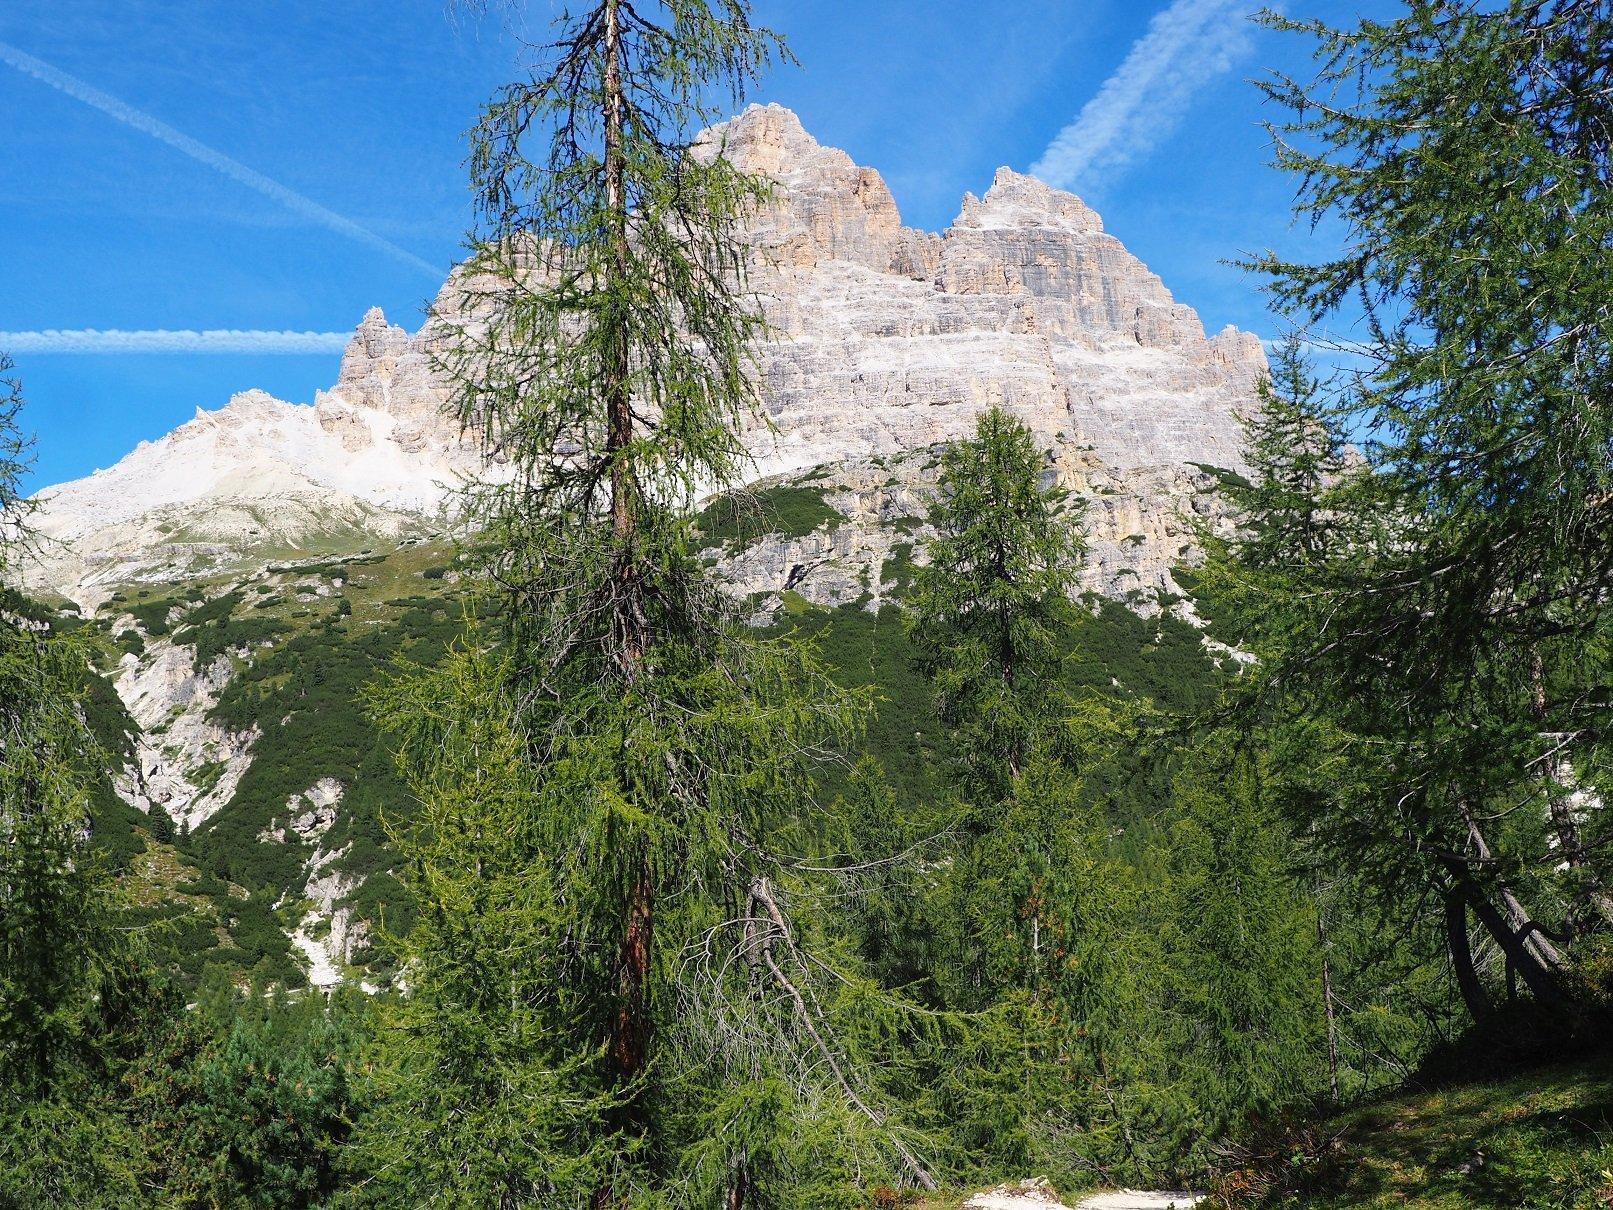 Cima Occidentale e Centrale di Lavaredo viste dal sentiero 101.